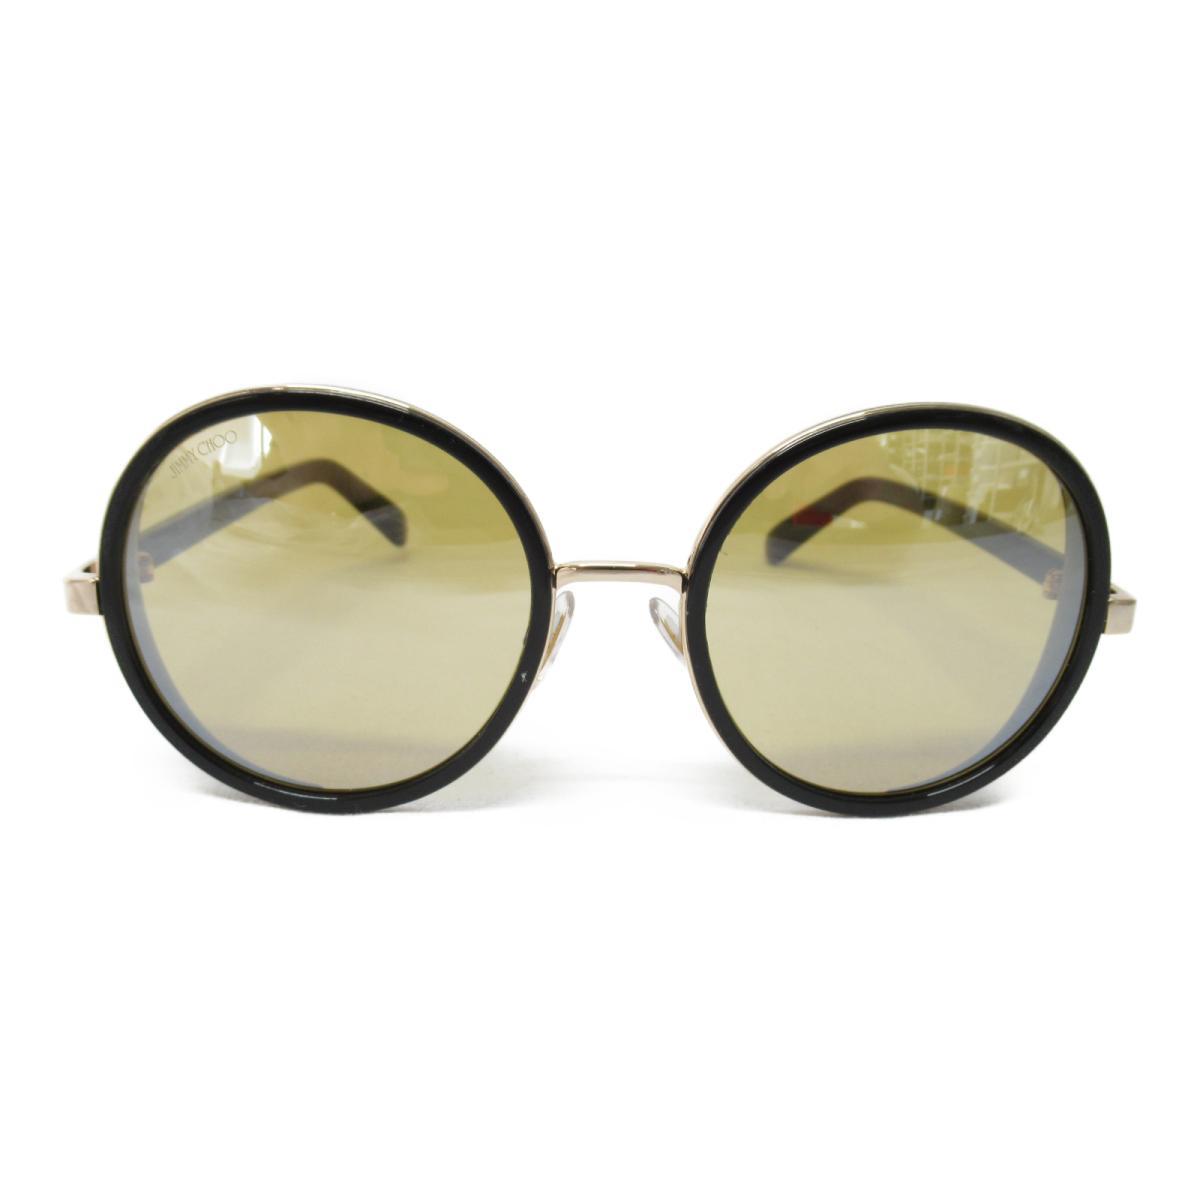 ジミーチュウ サングラス メンズ レディース レンズ:プラスチック フレーム:プラスチック わく:ニッケル合金 ブラウン (ORLY F 86 JL) | JIMMY CHOO BRANDOFF ブランドオフ ブランド 眼鏡 メガネ めがね